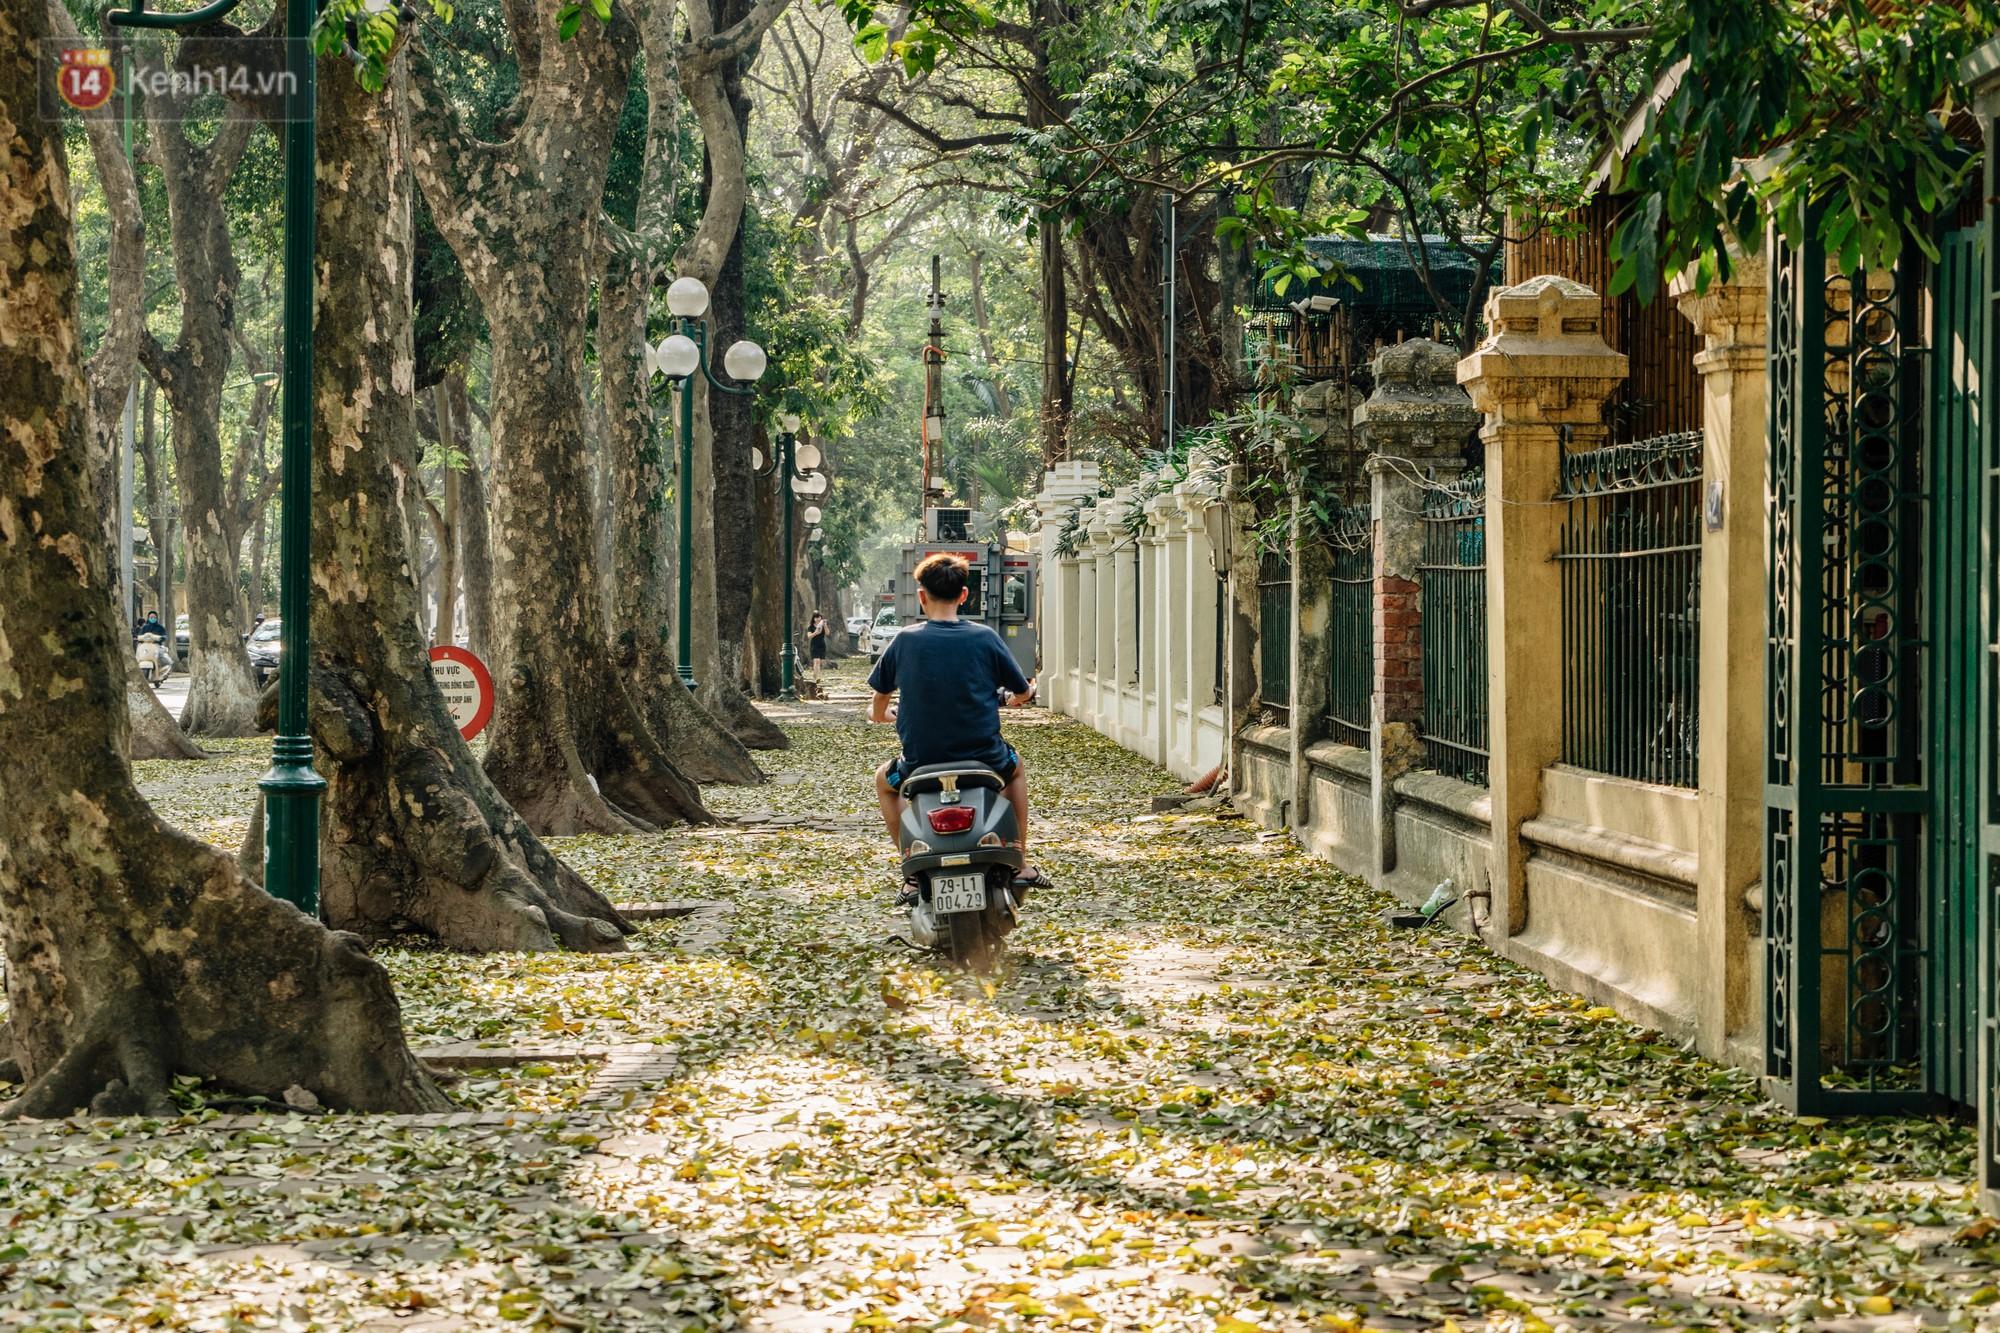 Ảnh 1: Phố Phan Đình Phùng - Hà Nội - We25.vn